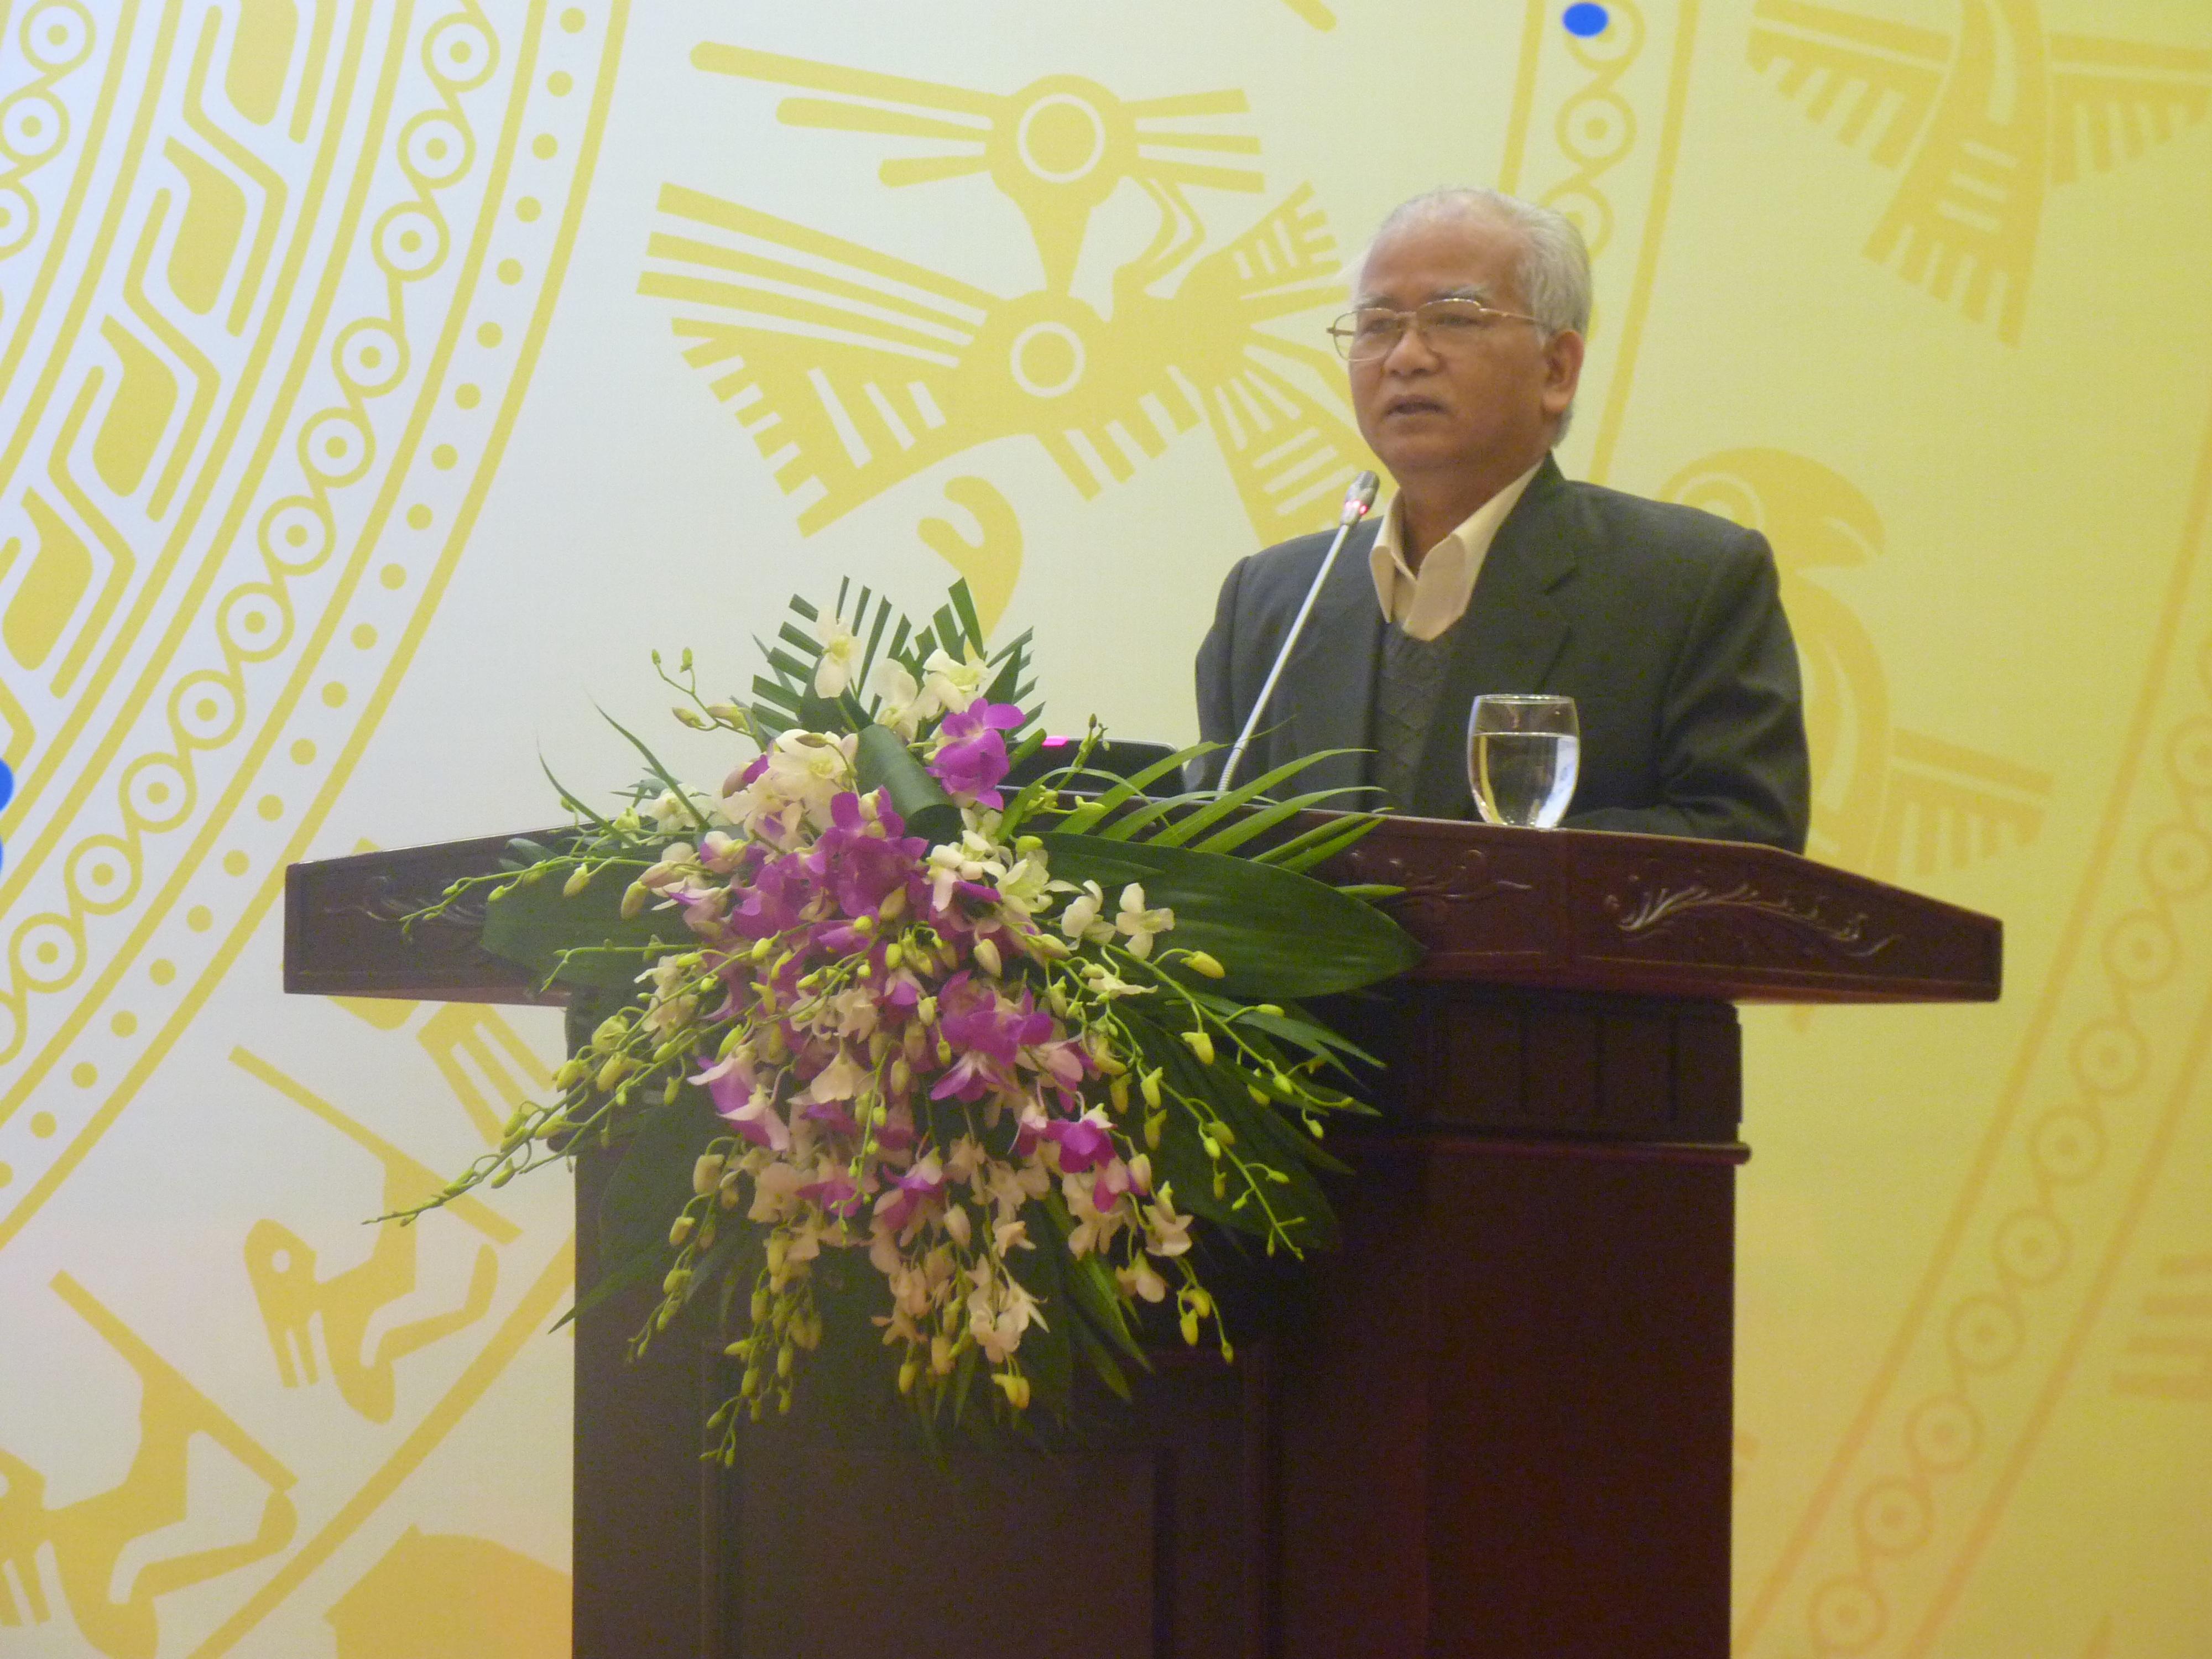 Ông Ksor Phước - Chủ tịch Hội đồng Dân tộc của Quốc hội.